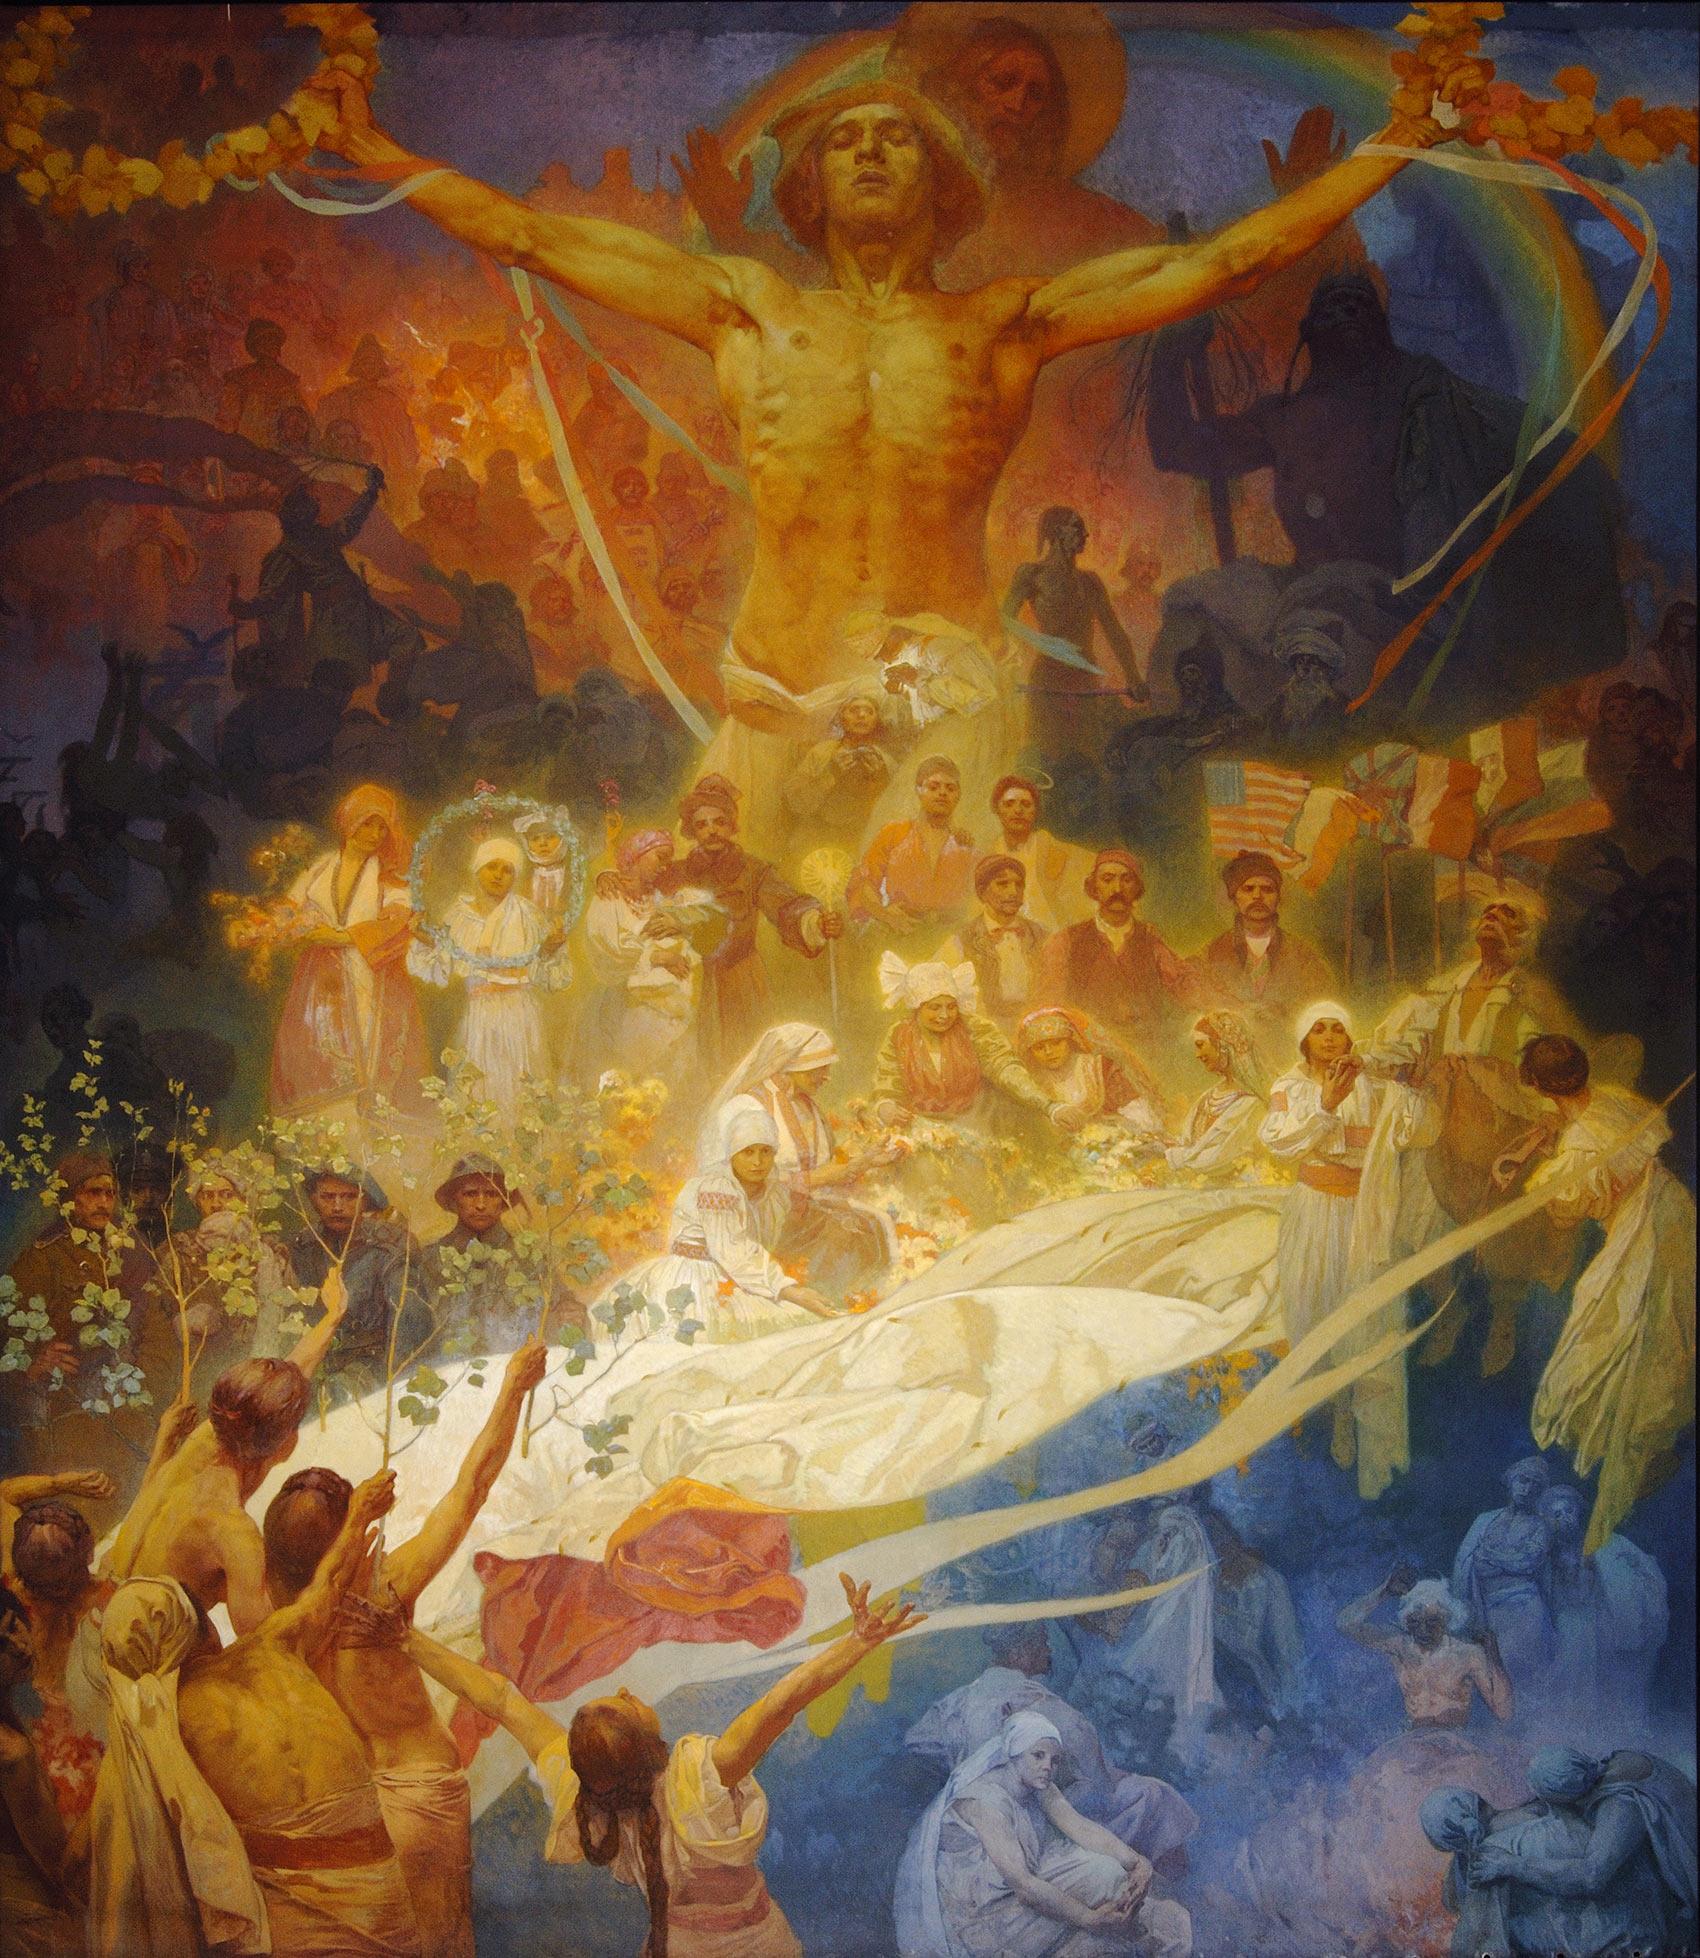 《スラヴ叙事詩「スラヴ民族の神格化」》 1926年 プラハ市立美術館 ©Prague City Gallery